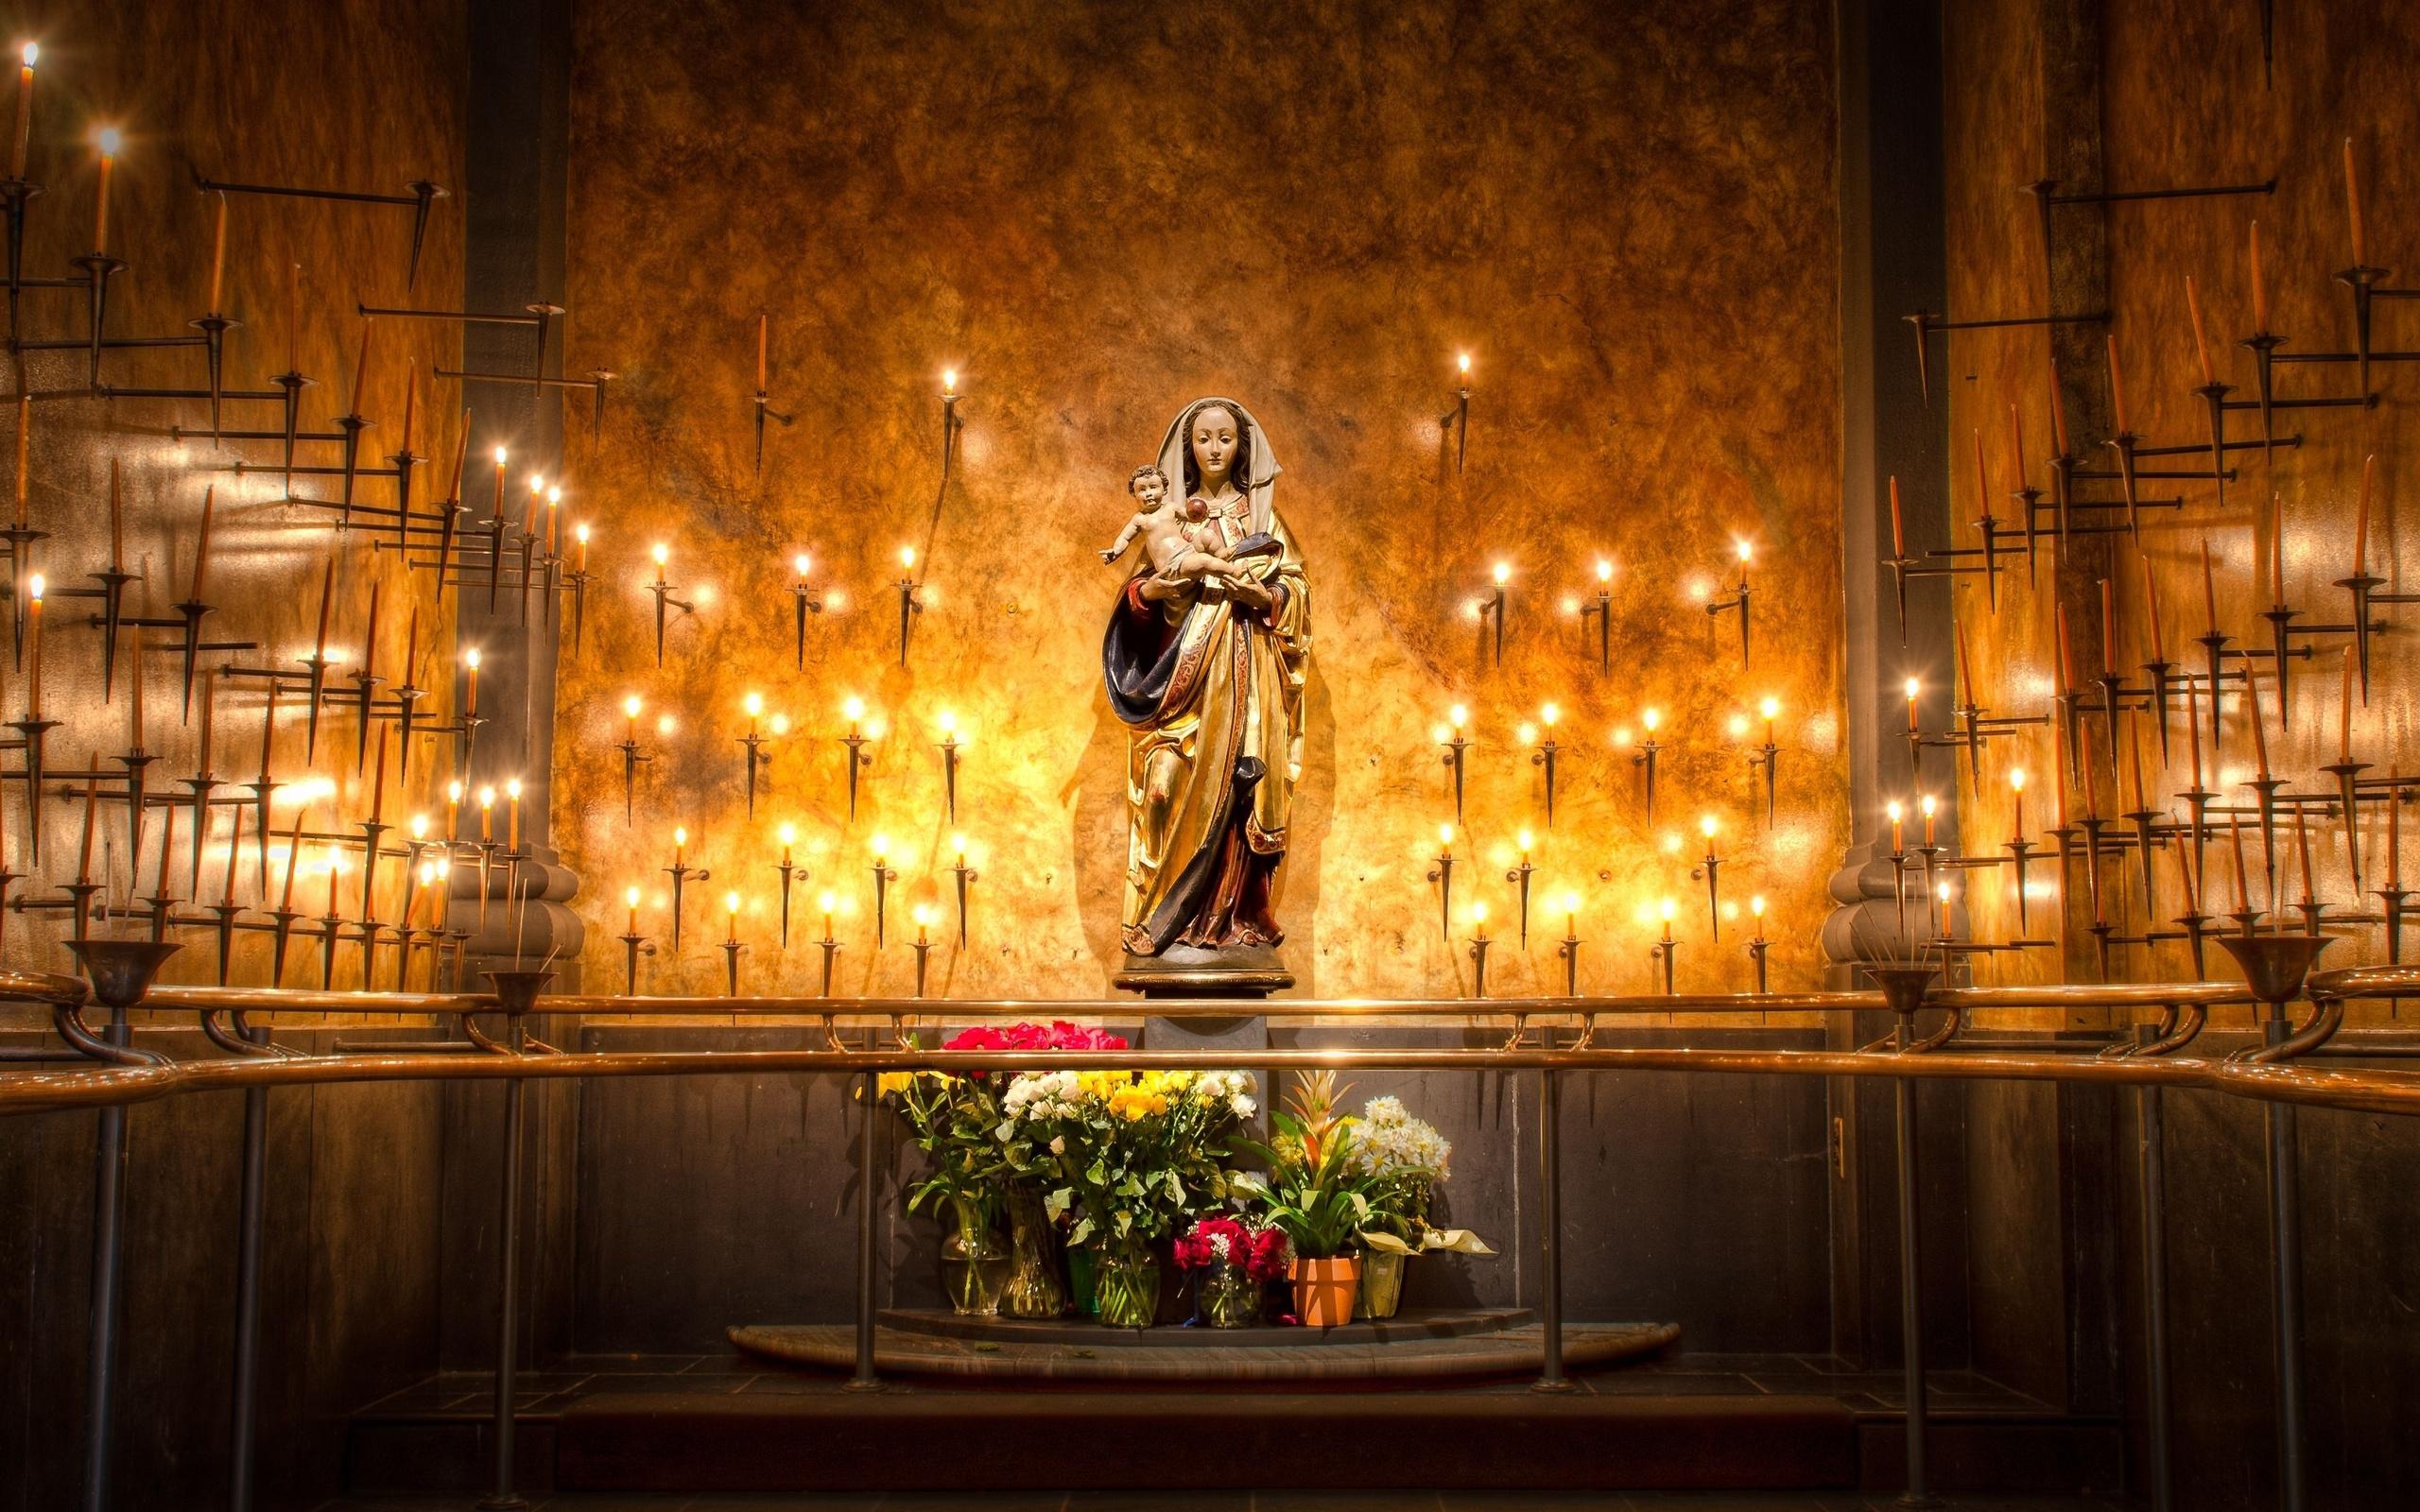 Virgin Mary Church Wallpaper 49644